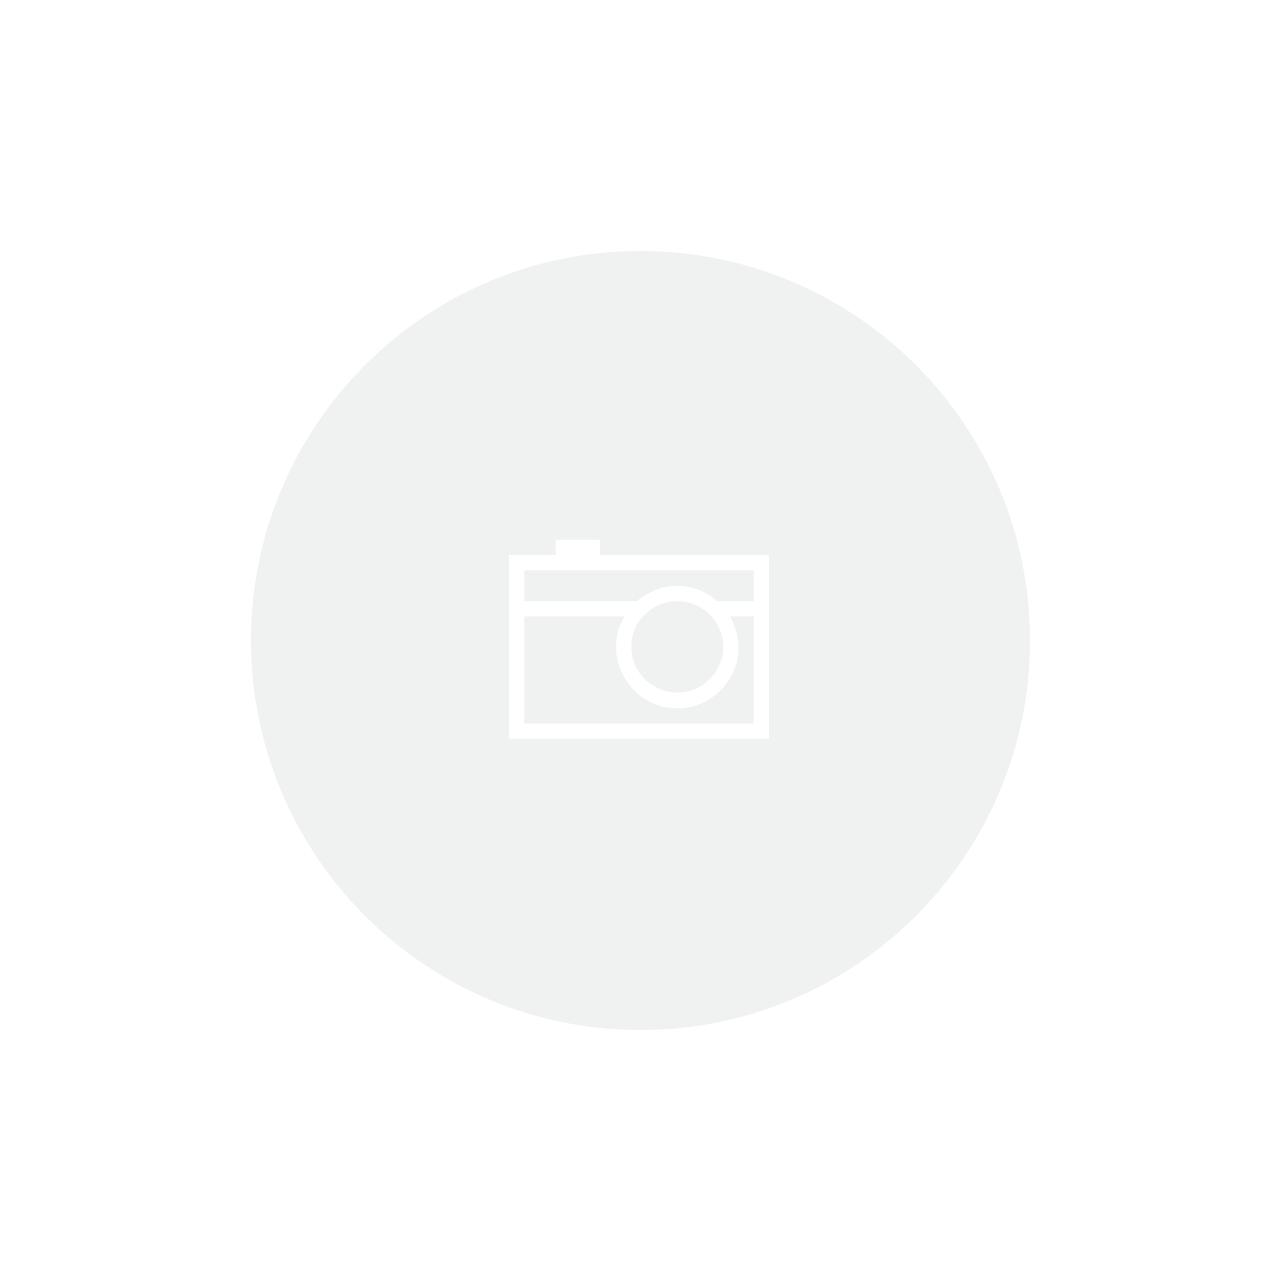 Forno Elétrico em Inox 6 Funções Mirror 60 Tramontina